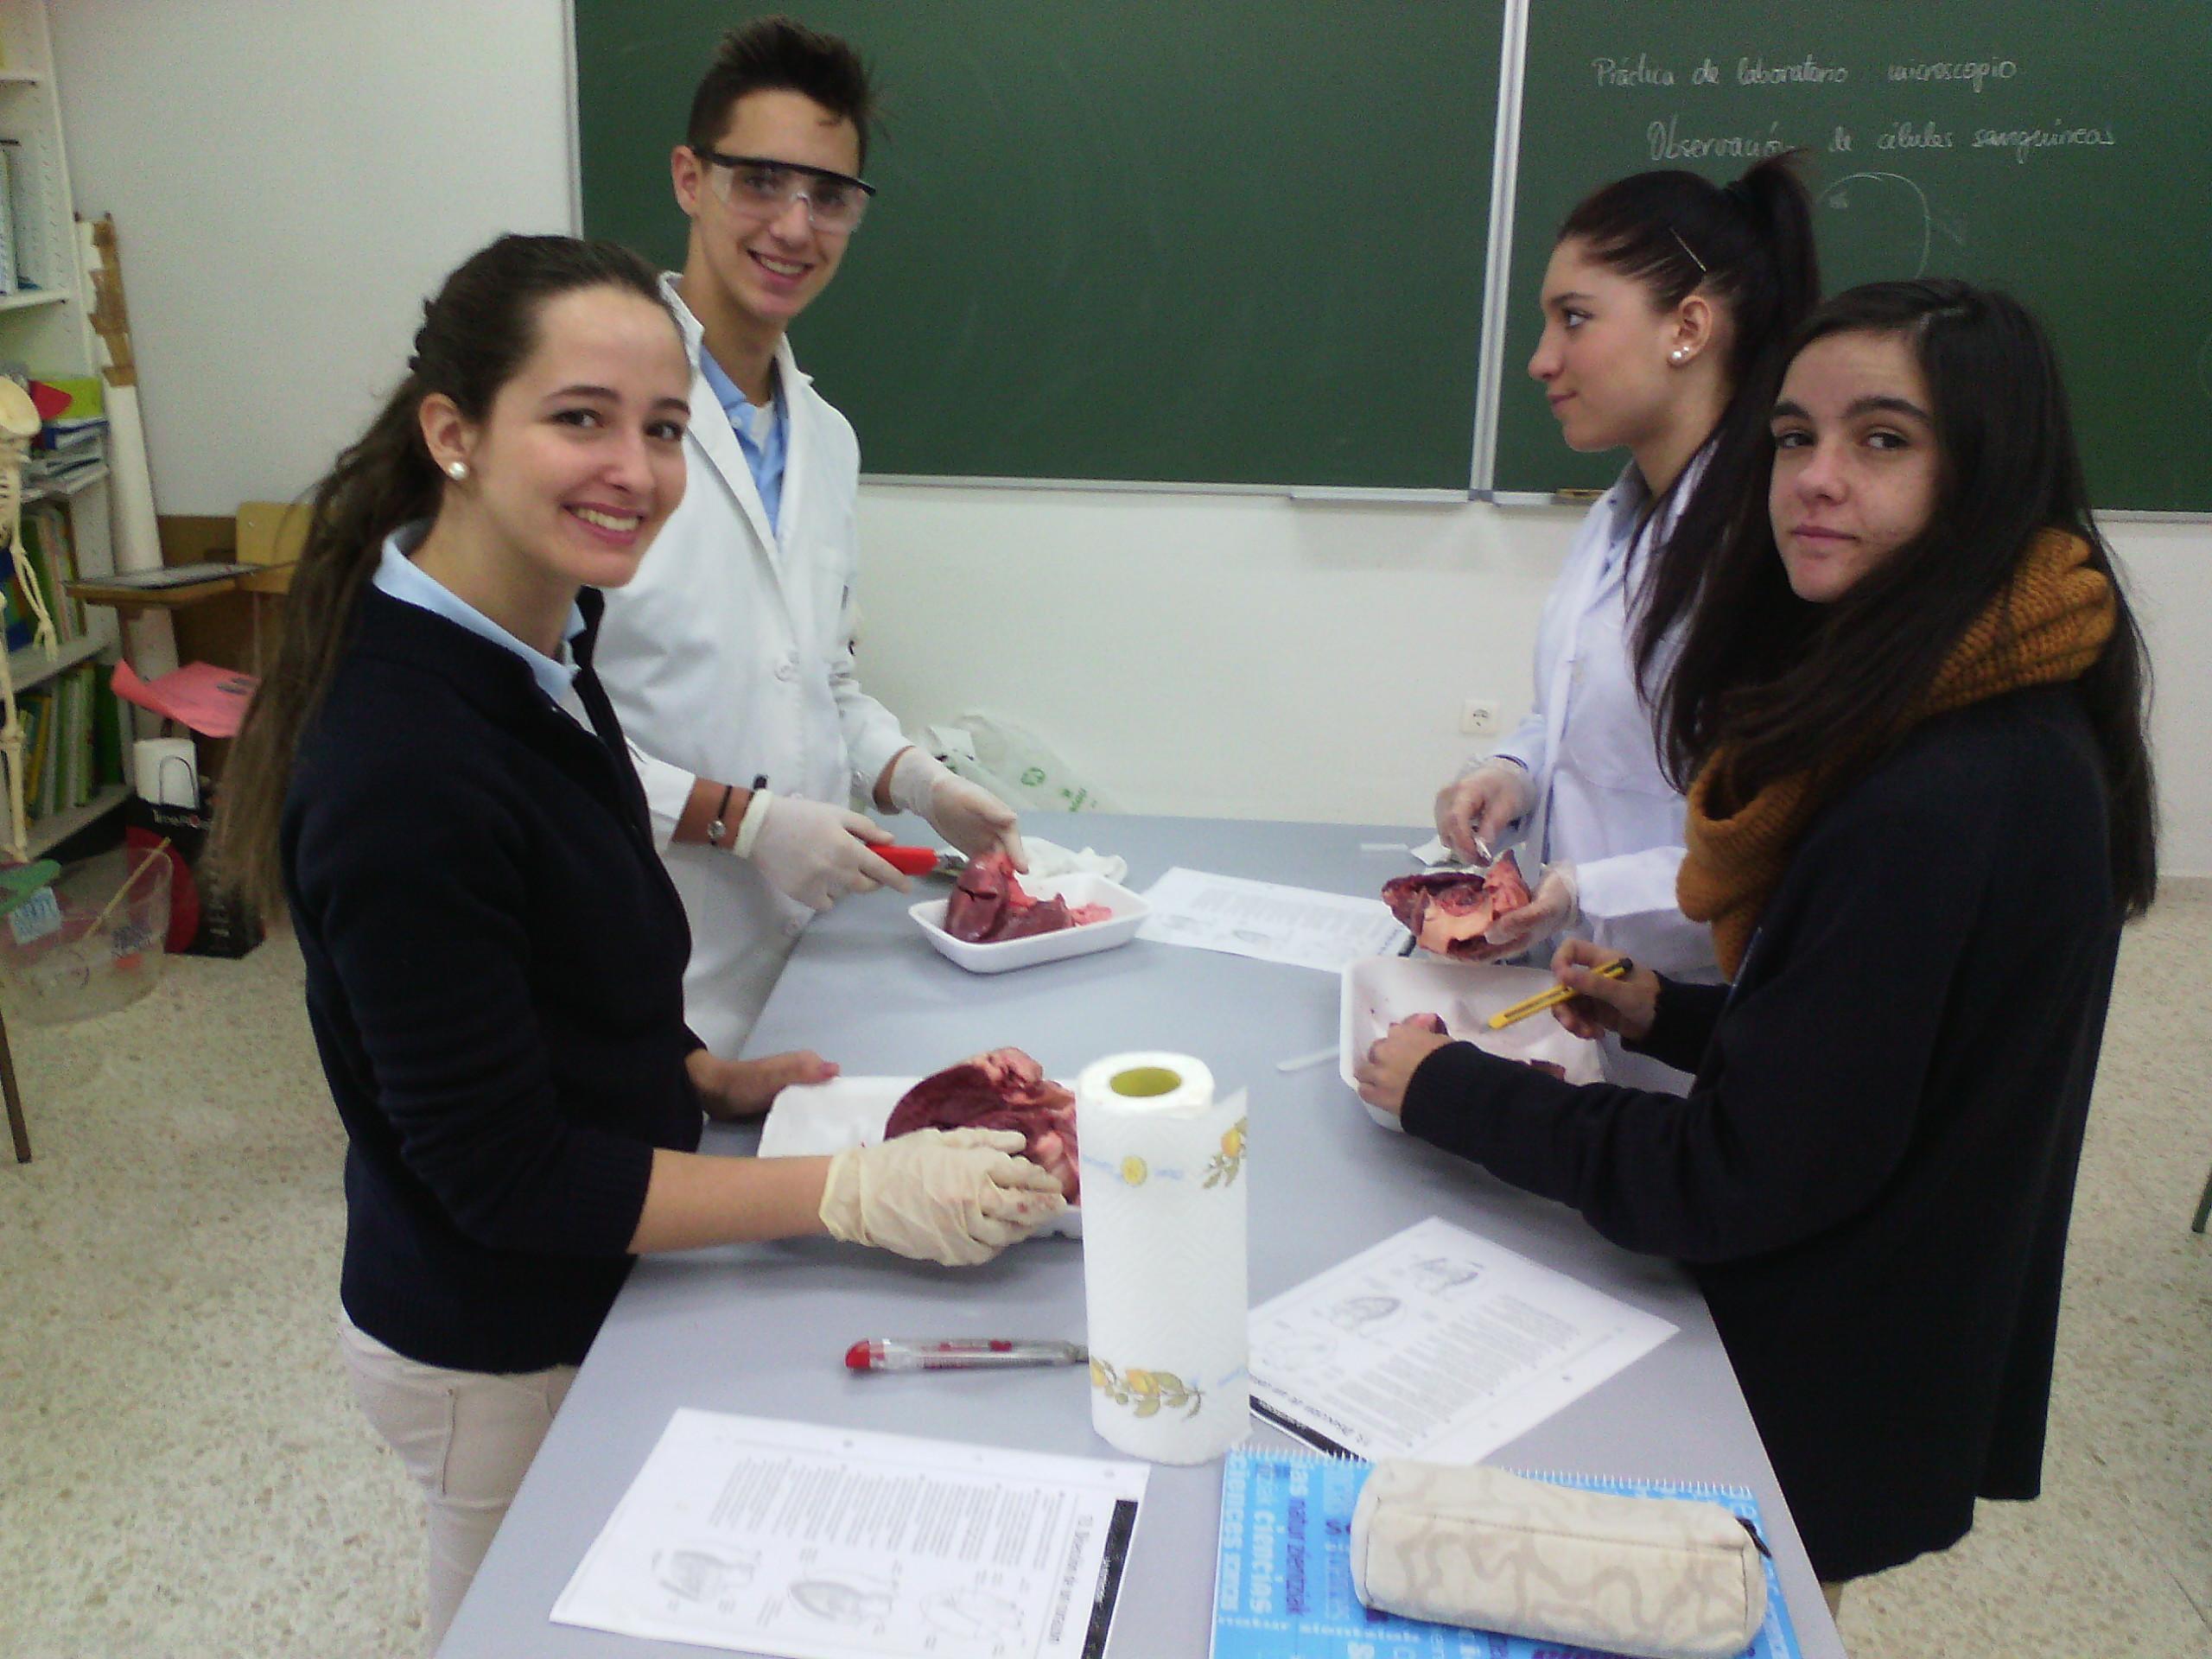 Prácticas de laboratorio: Disección de corazón de cerdo